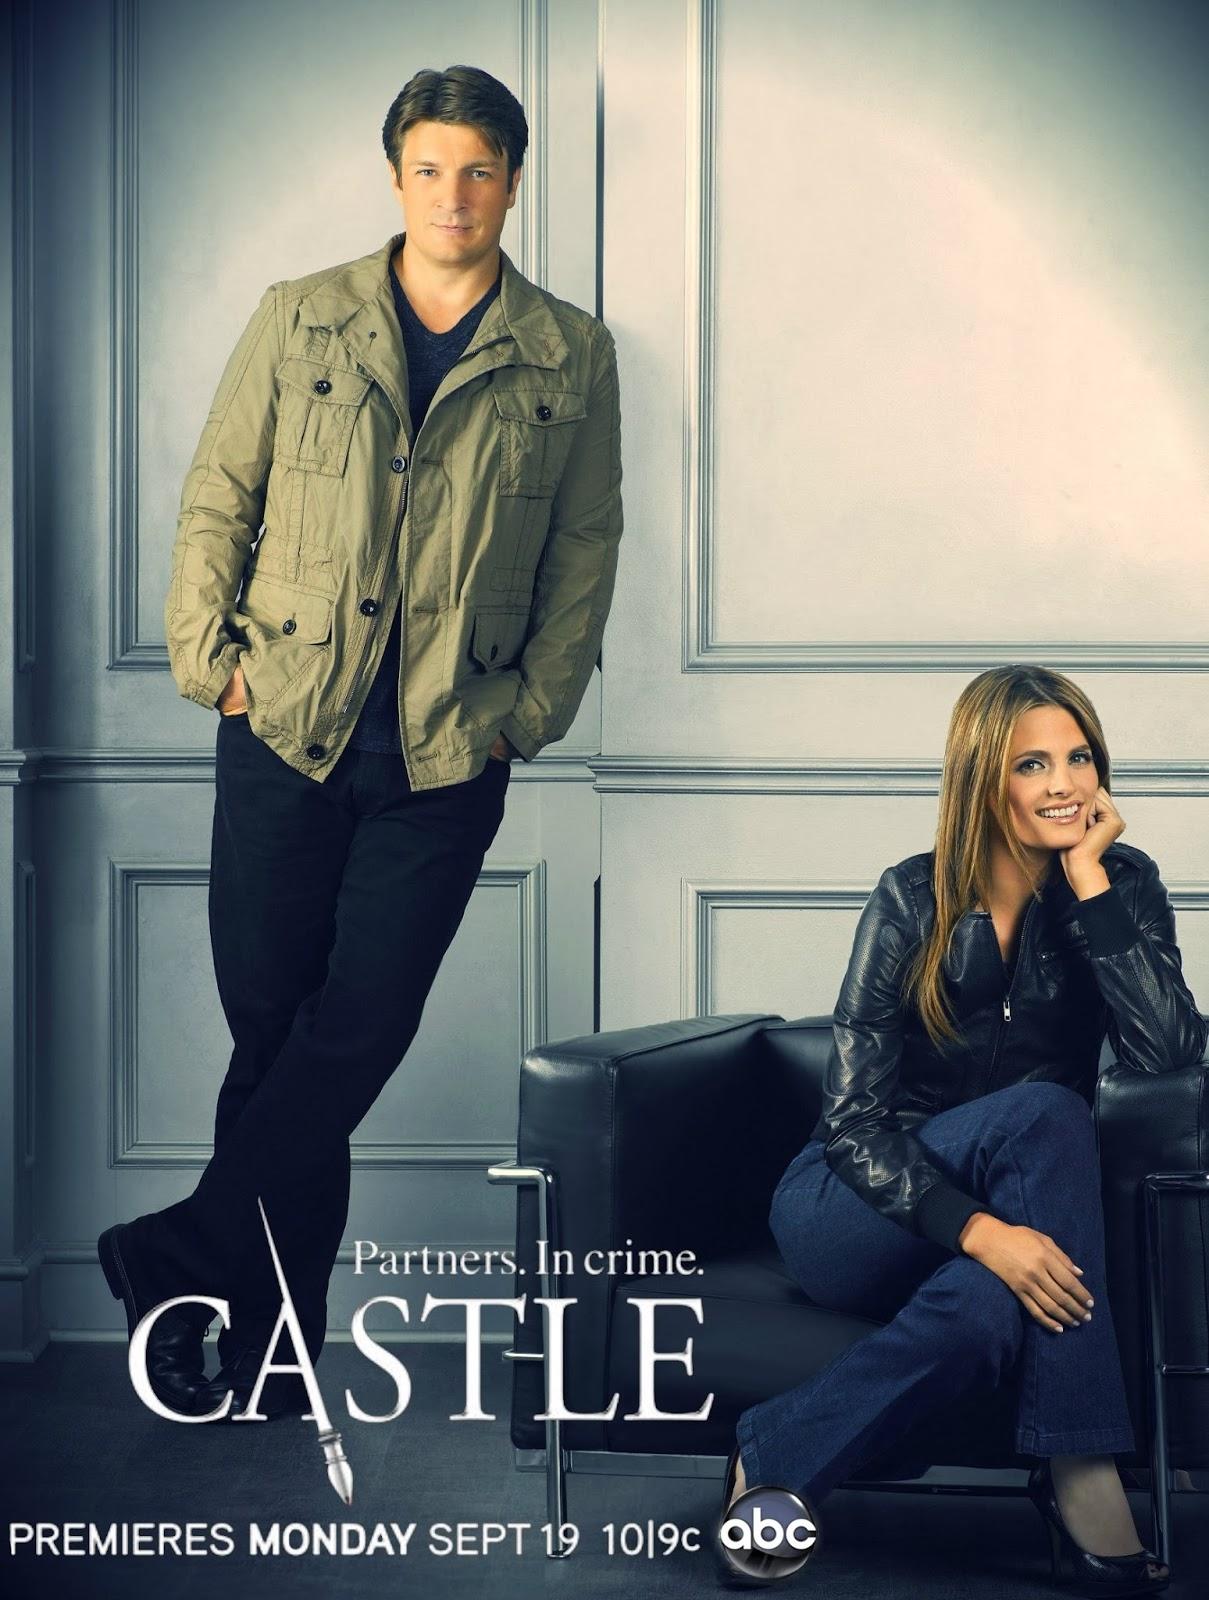 Castle 2009 S07E05 480p HDTV x264 150MB